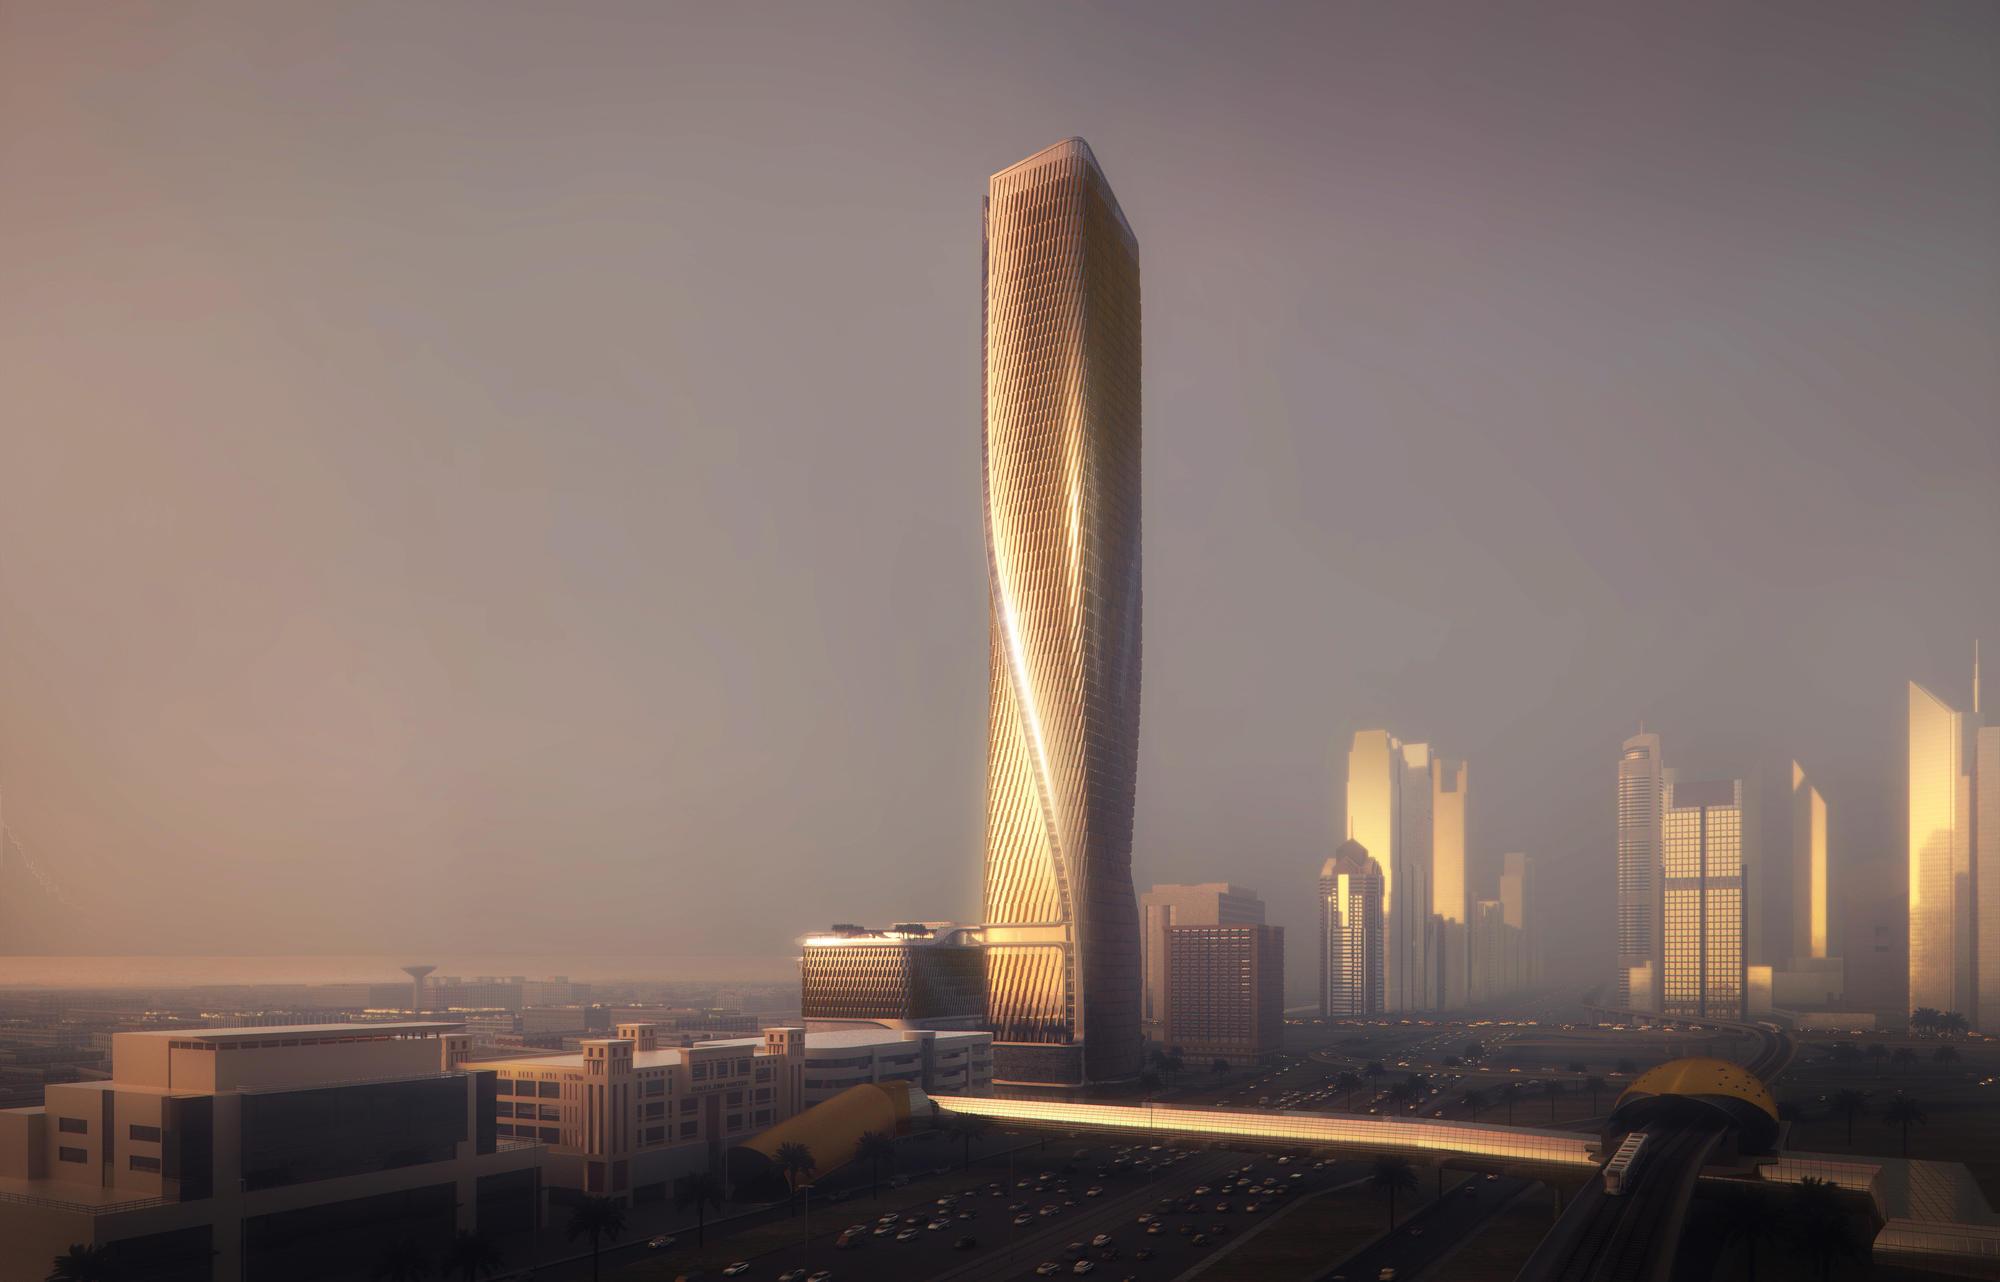 Wasl Tower Unstudio